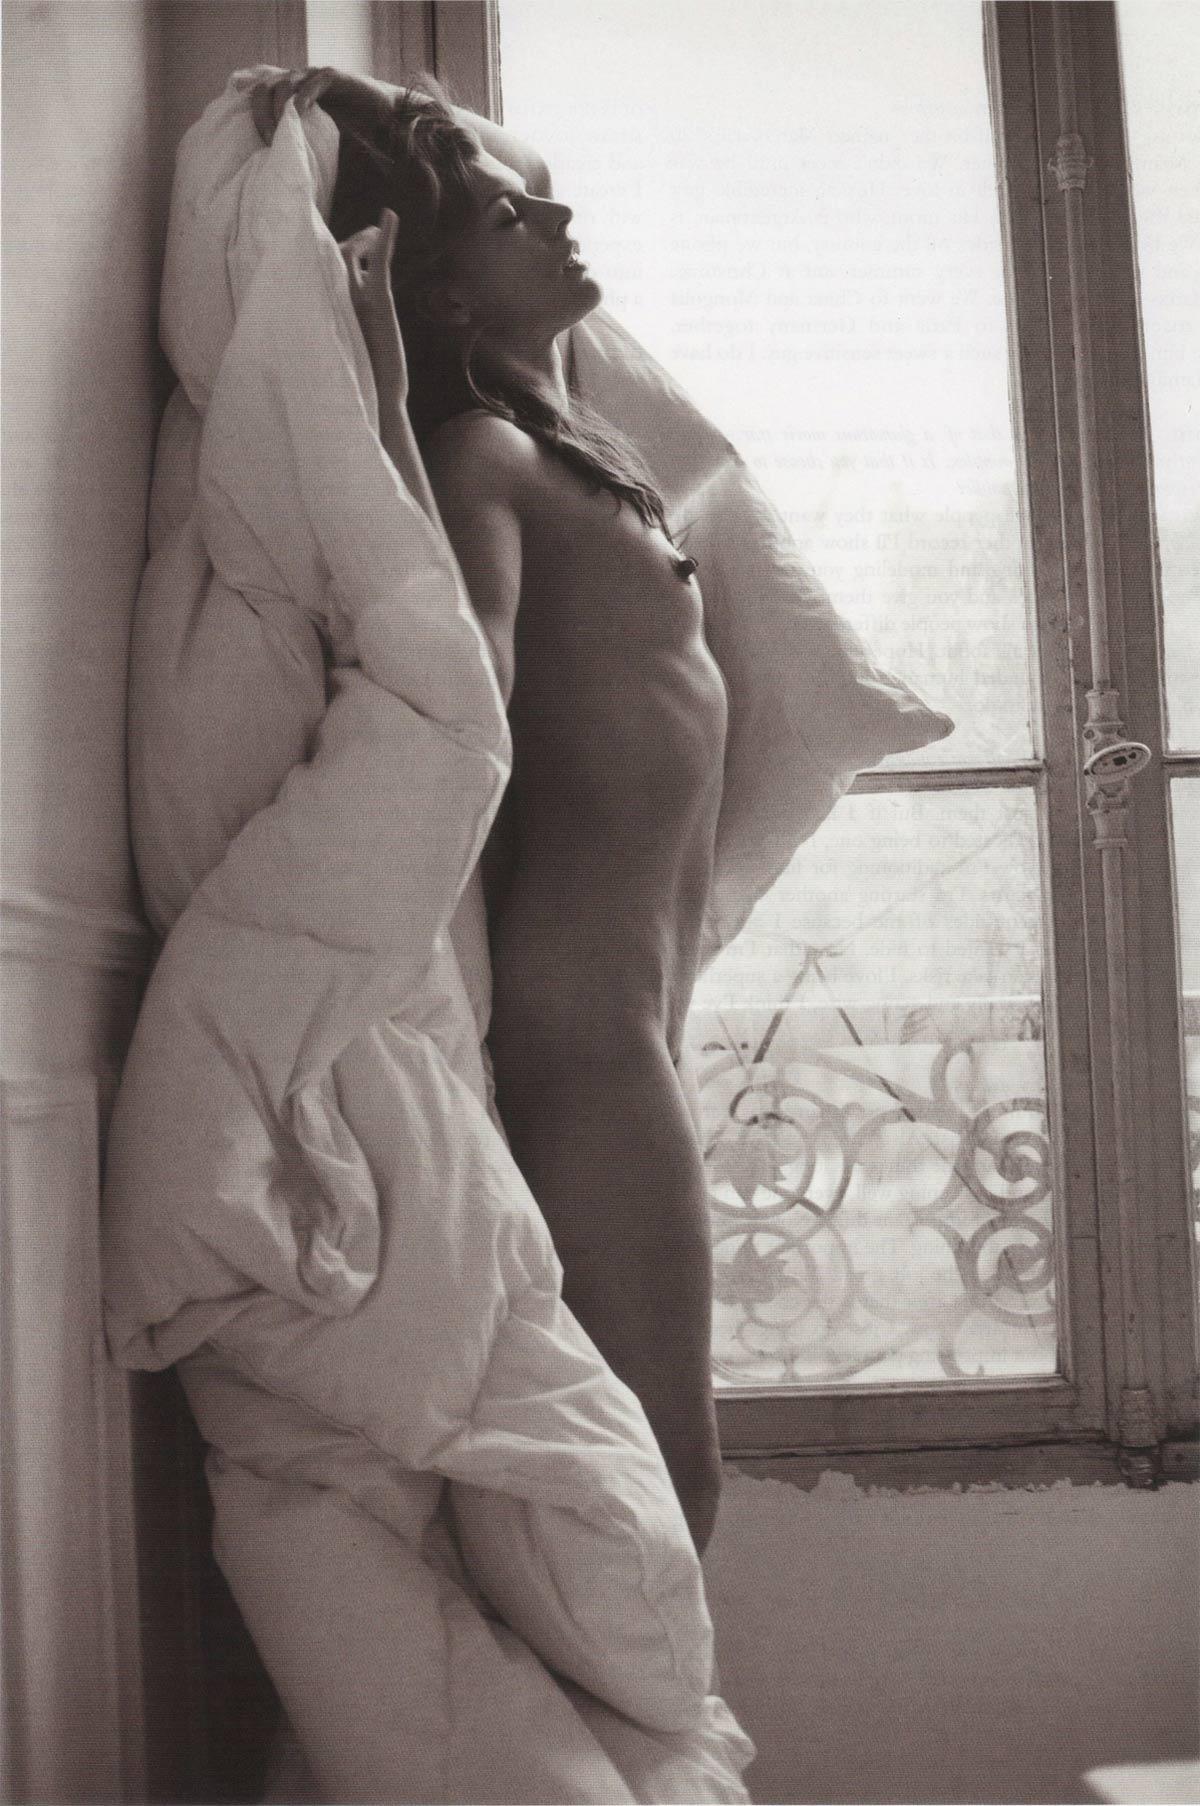 El desnudo de Milla Jovovich que nos dejó con la boca